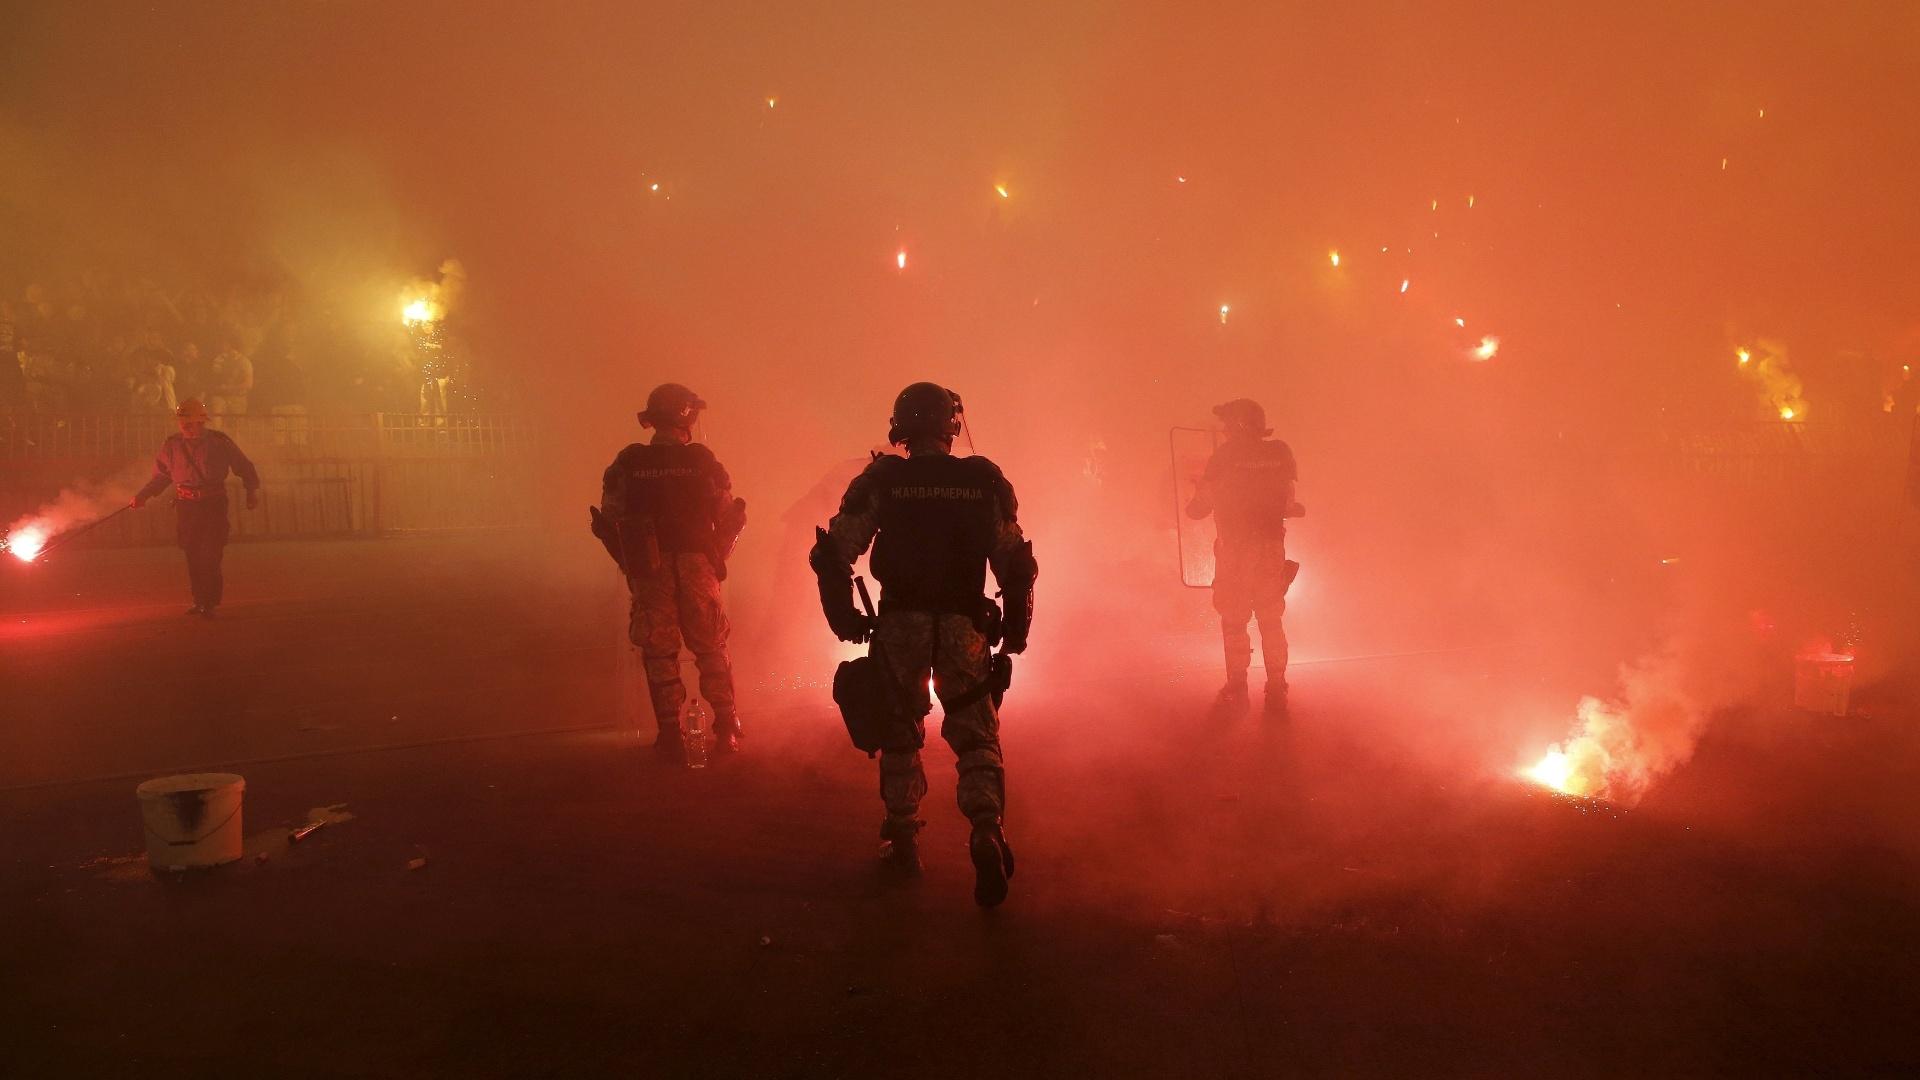 Policiais recolhem sinalizadores do gramado após a paralisação do clássico entre Estrela Vermelha e Partizan, na Sérvia